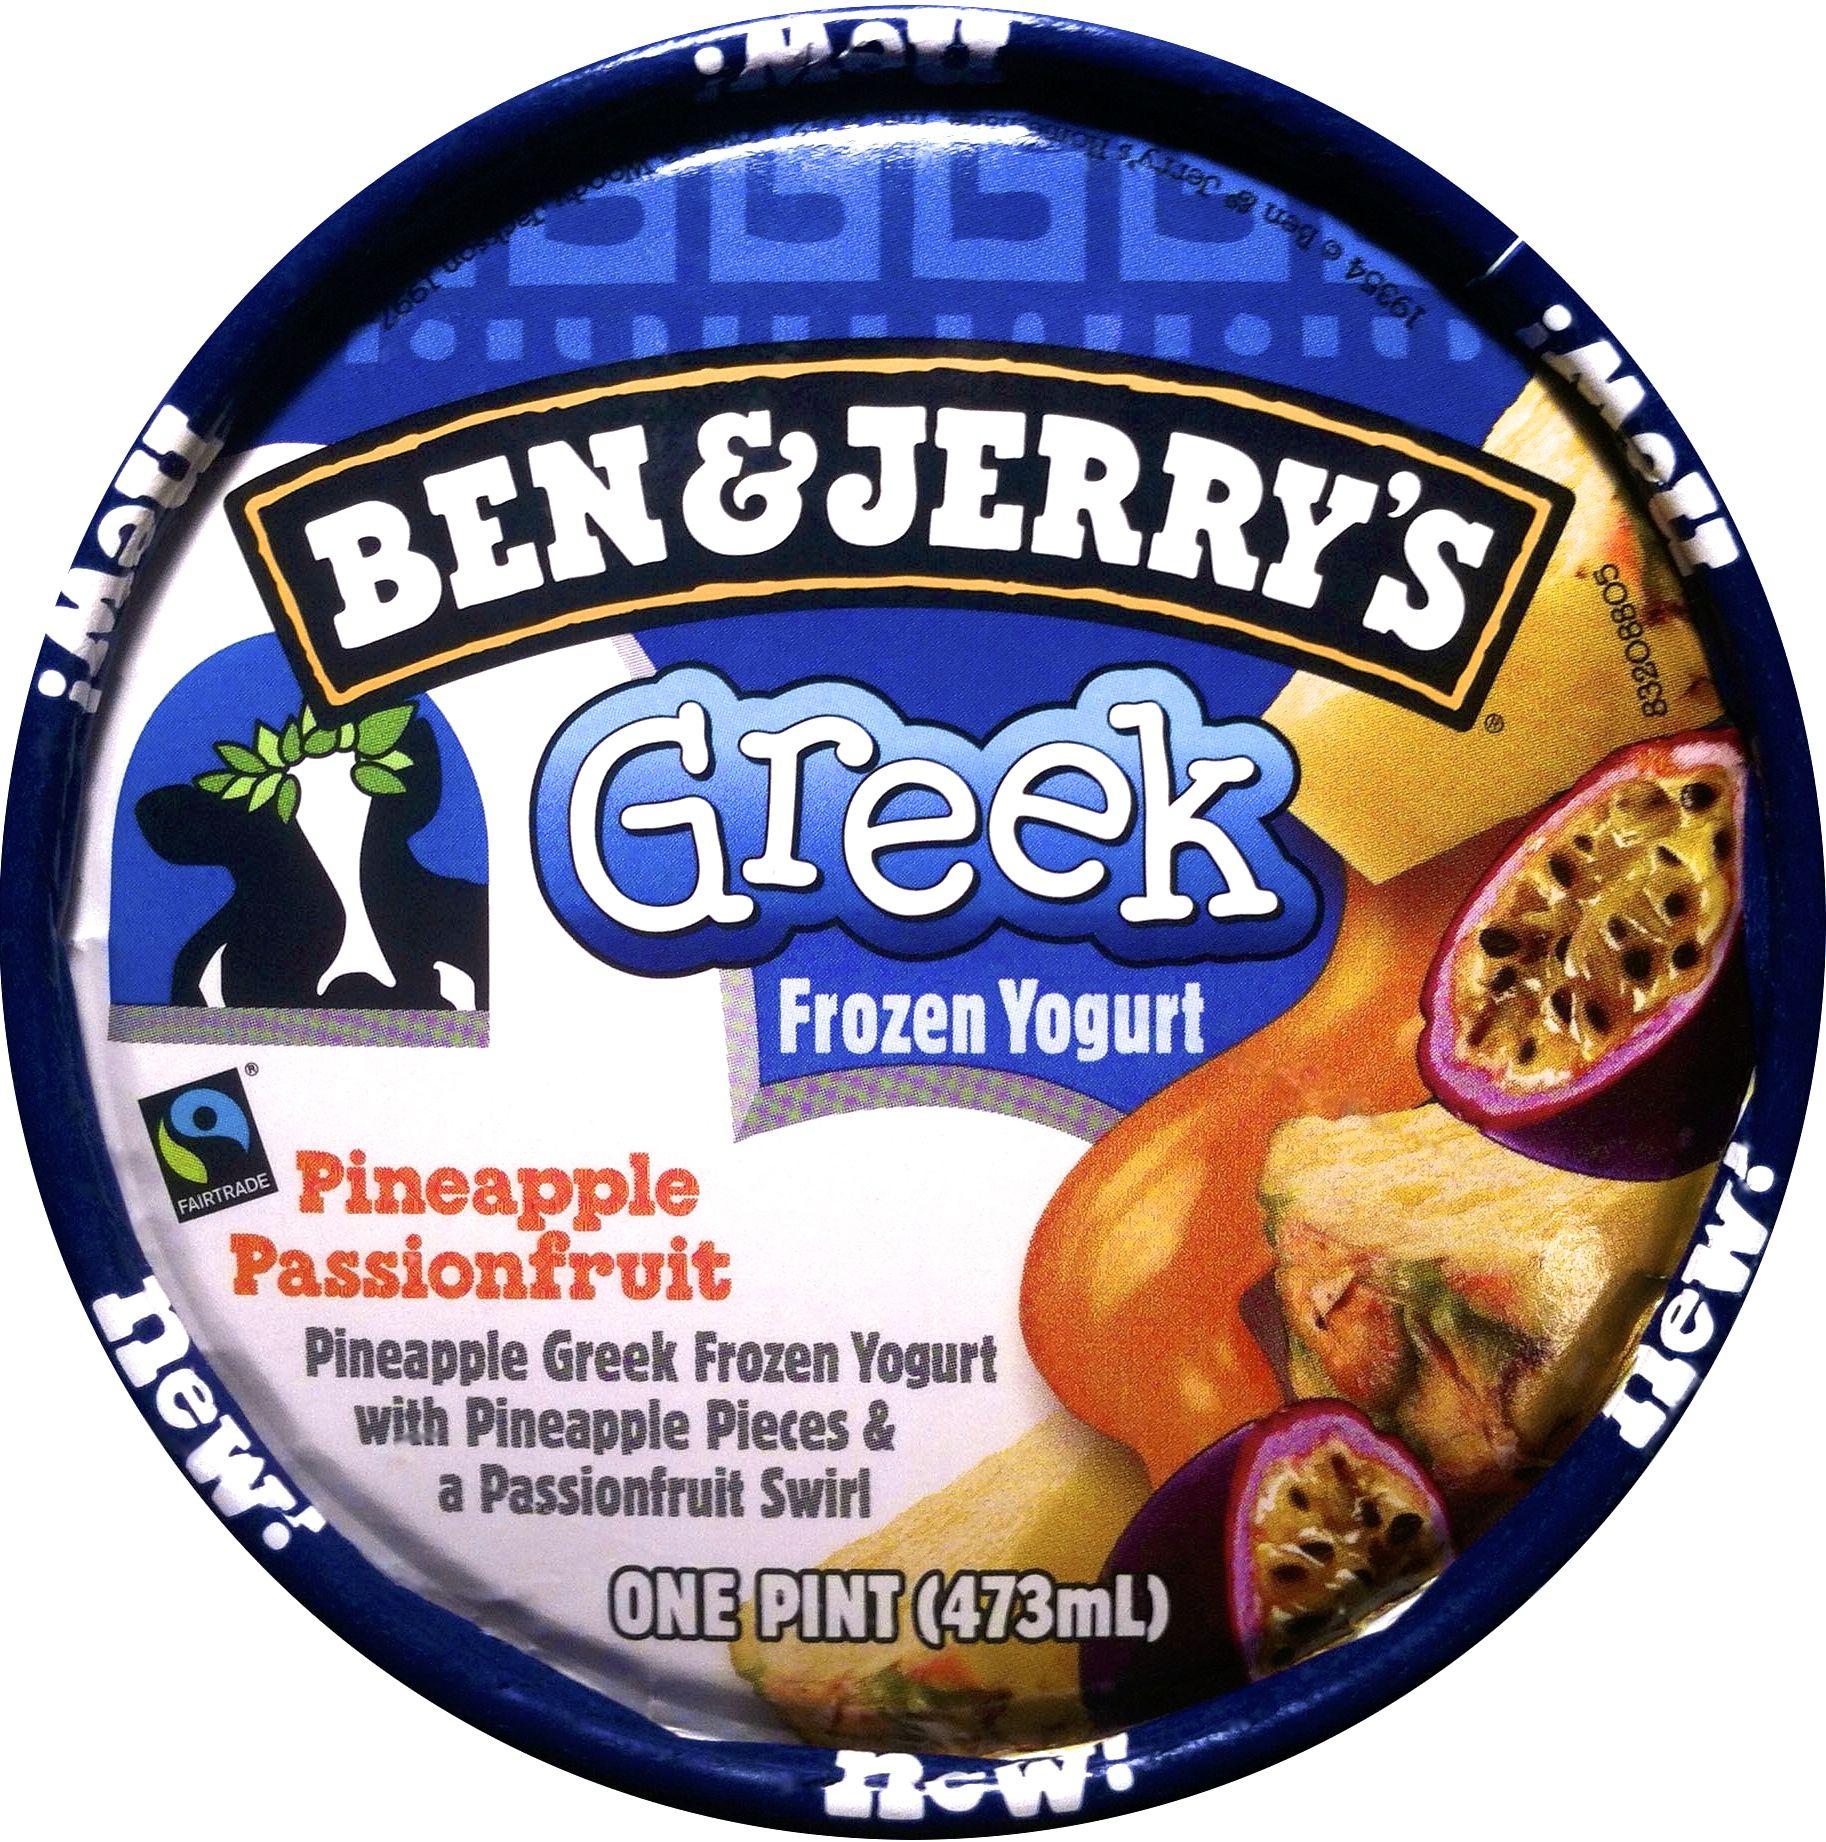 Ben jerrys pineapple passionfruit greek frozen yogurt